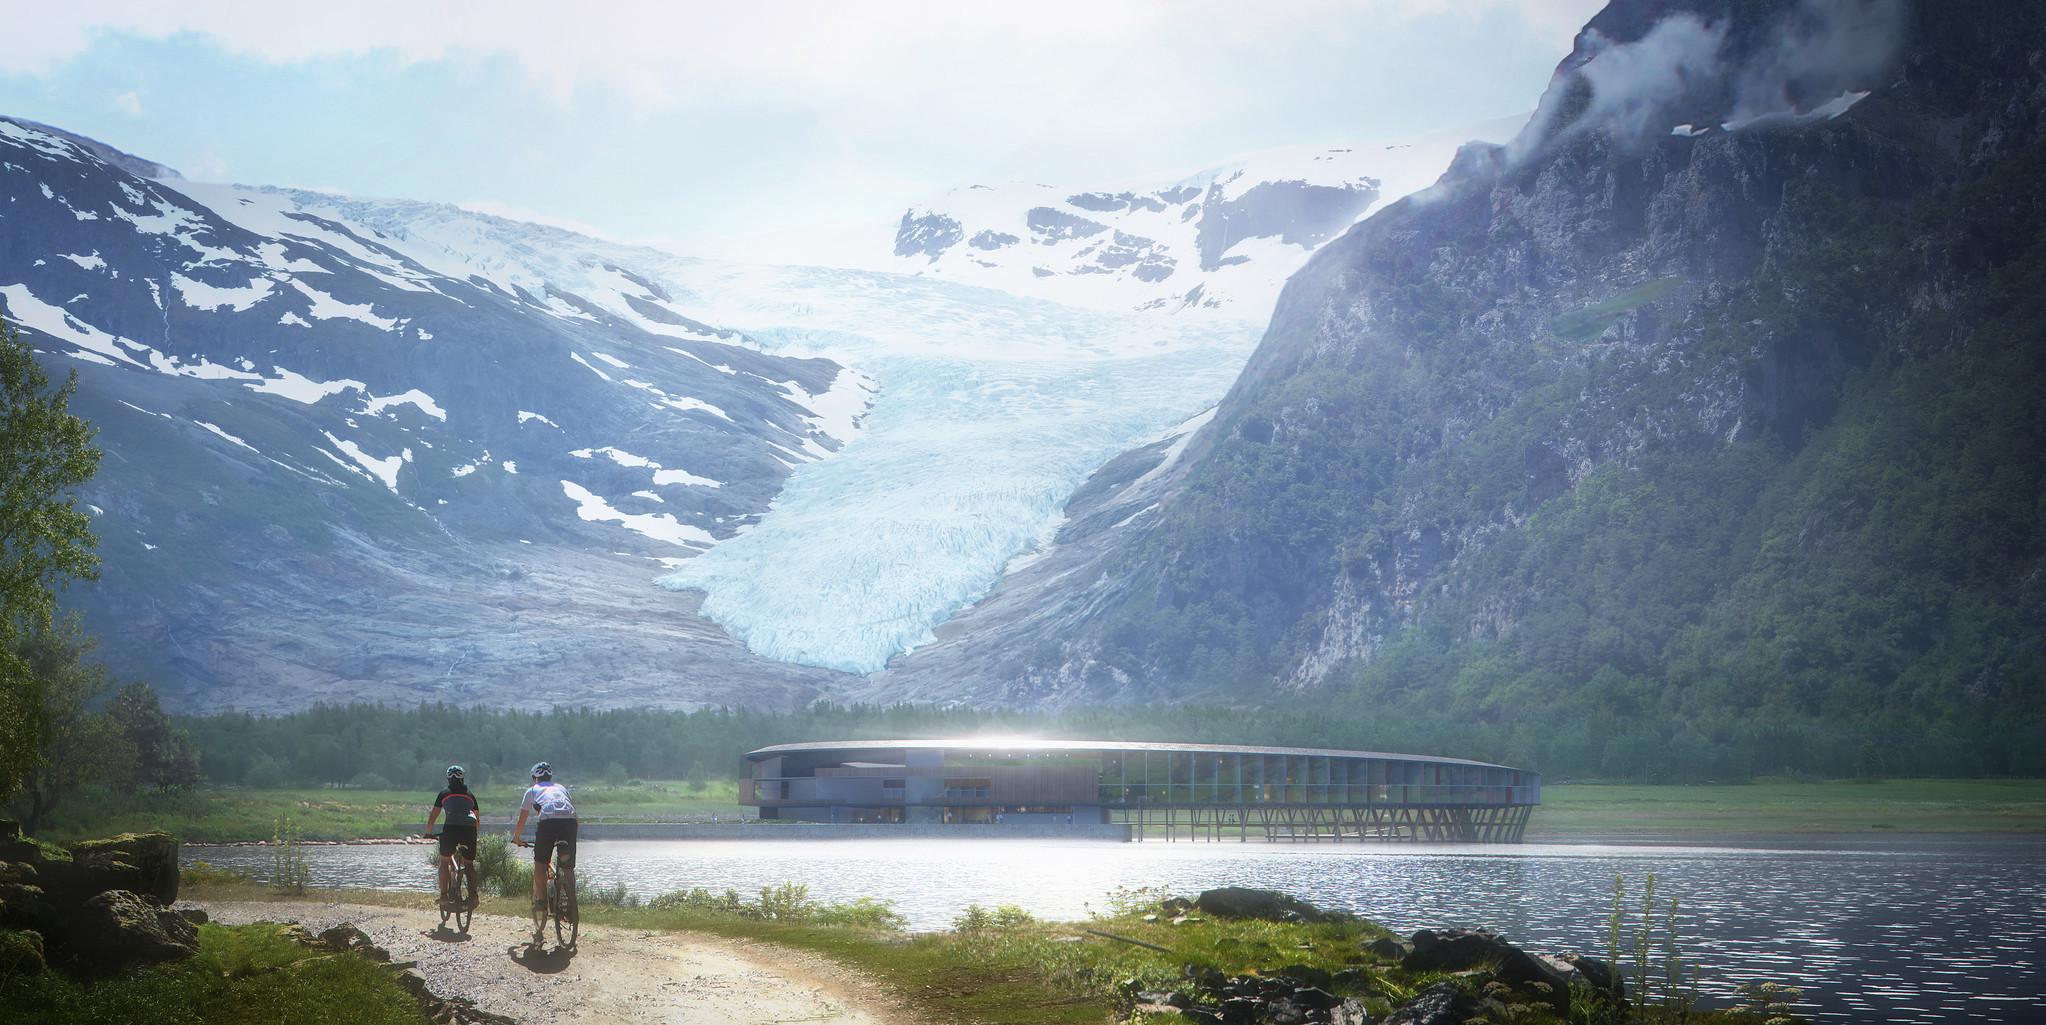 A los pies de la montaña Almlifjellet